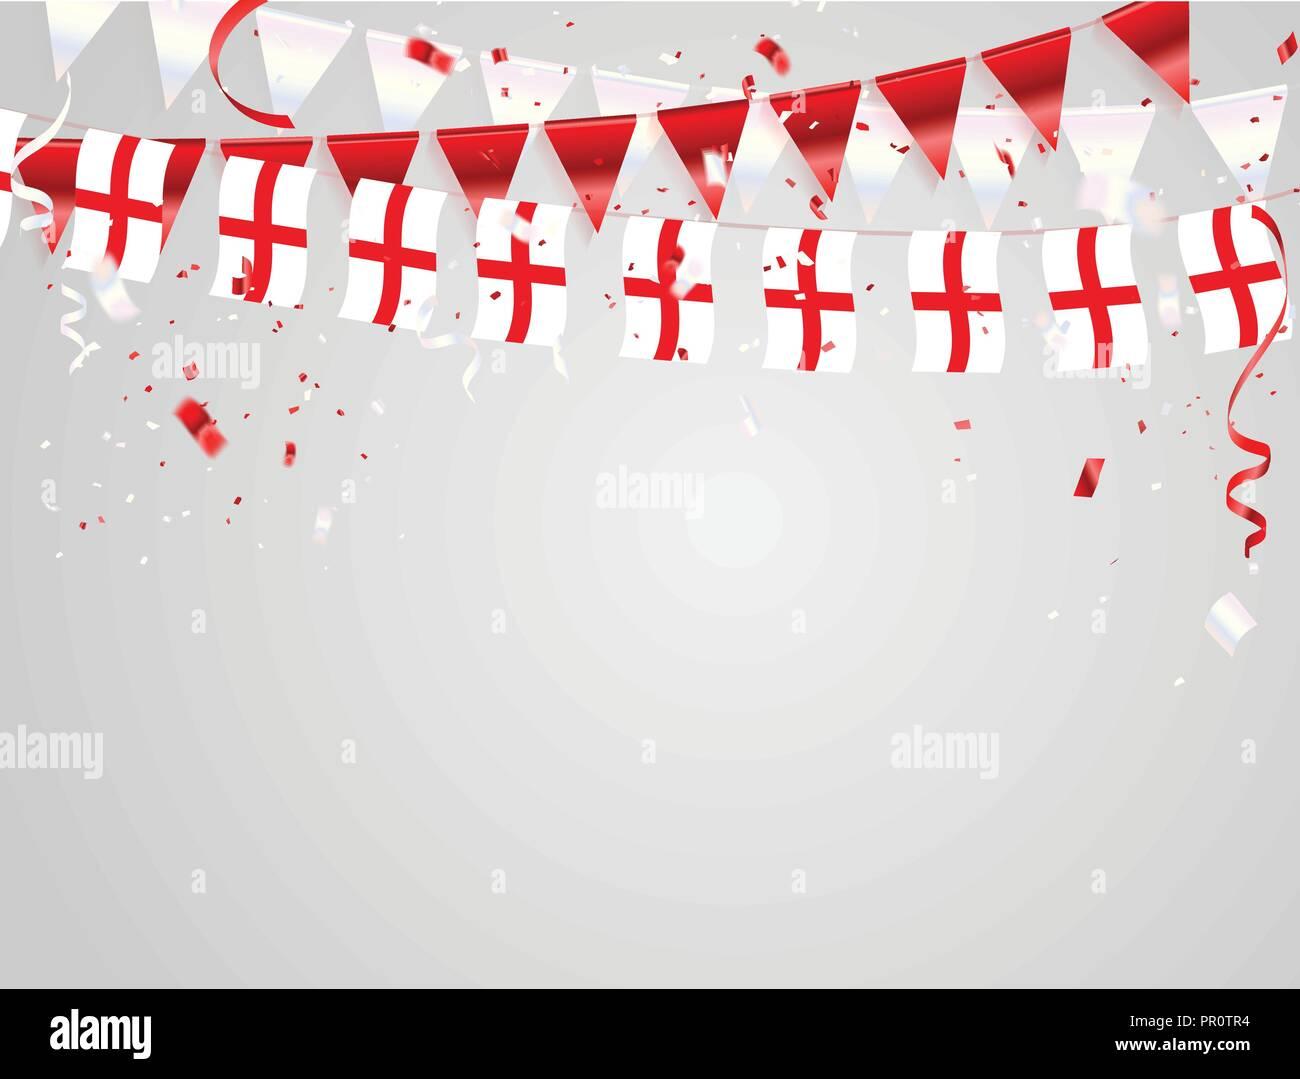 Inghilterra Bandiere Celebrazione Del Modello Dello Sfondo Con I